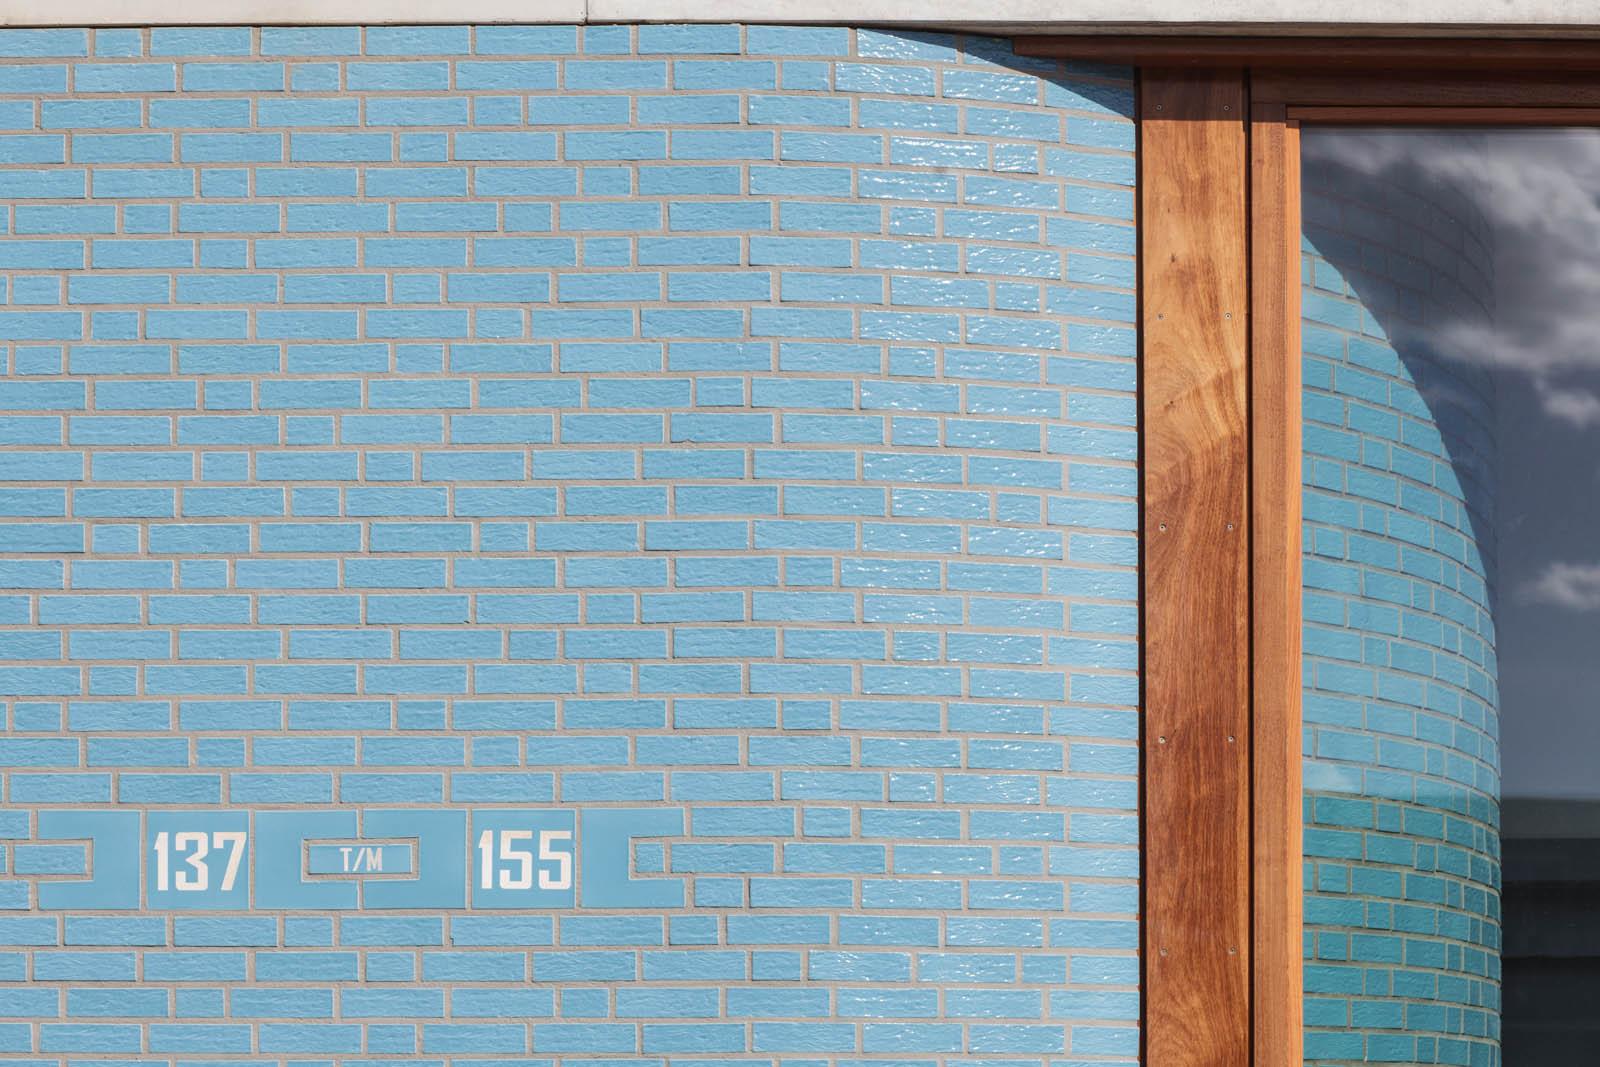 Strijp S Stam en de Koning onderwijs Philips West 8 Adriaan Geuze Toren allee Trudo Woonbedrijf Feel good market Veemgebouw Klokgebouw monument Hoge rug